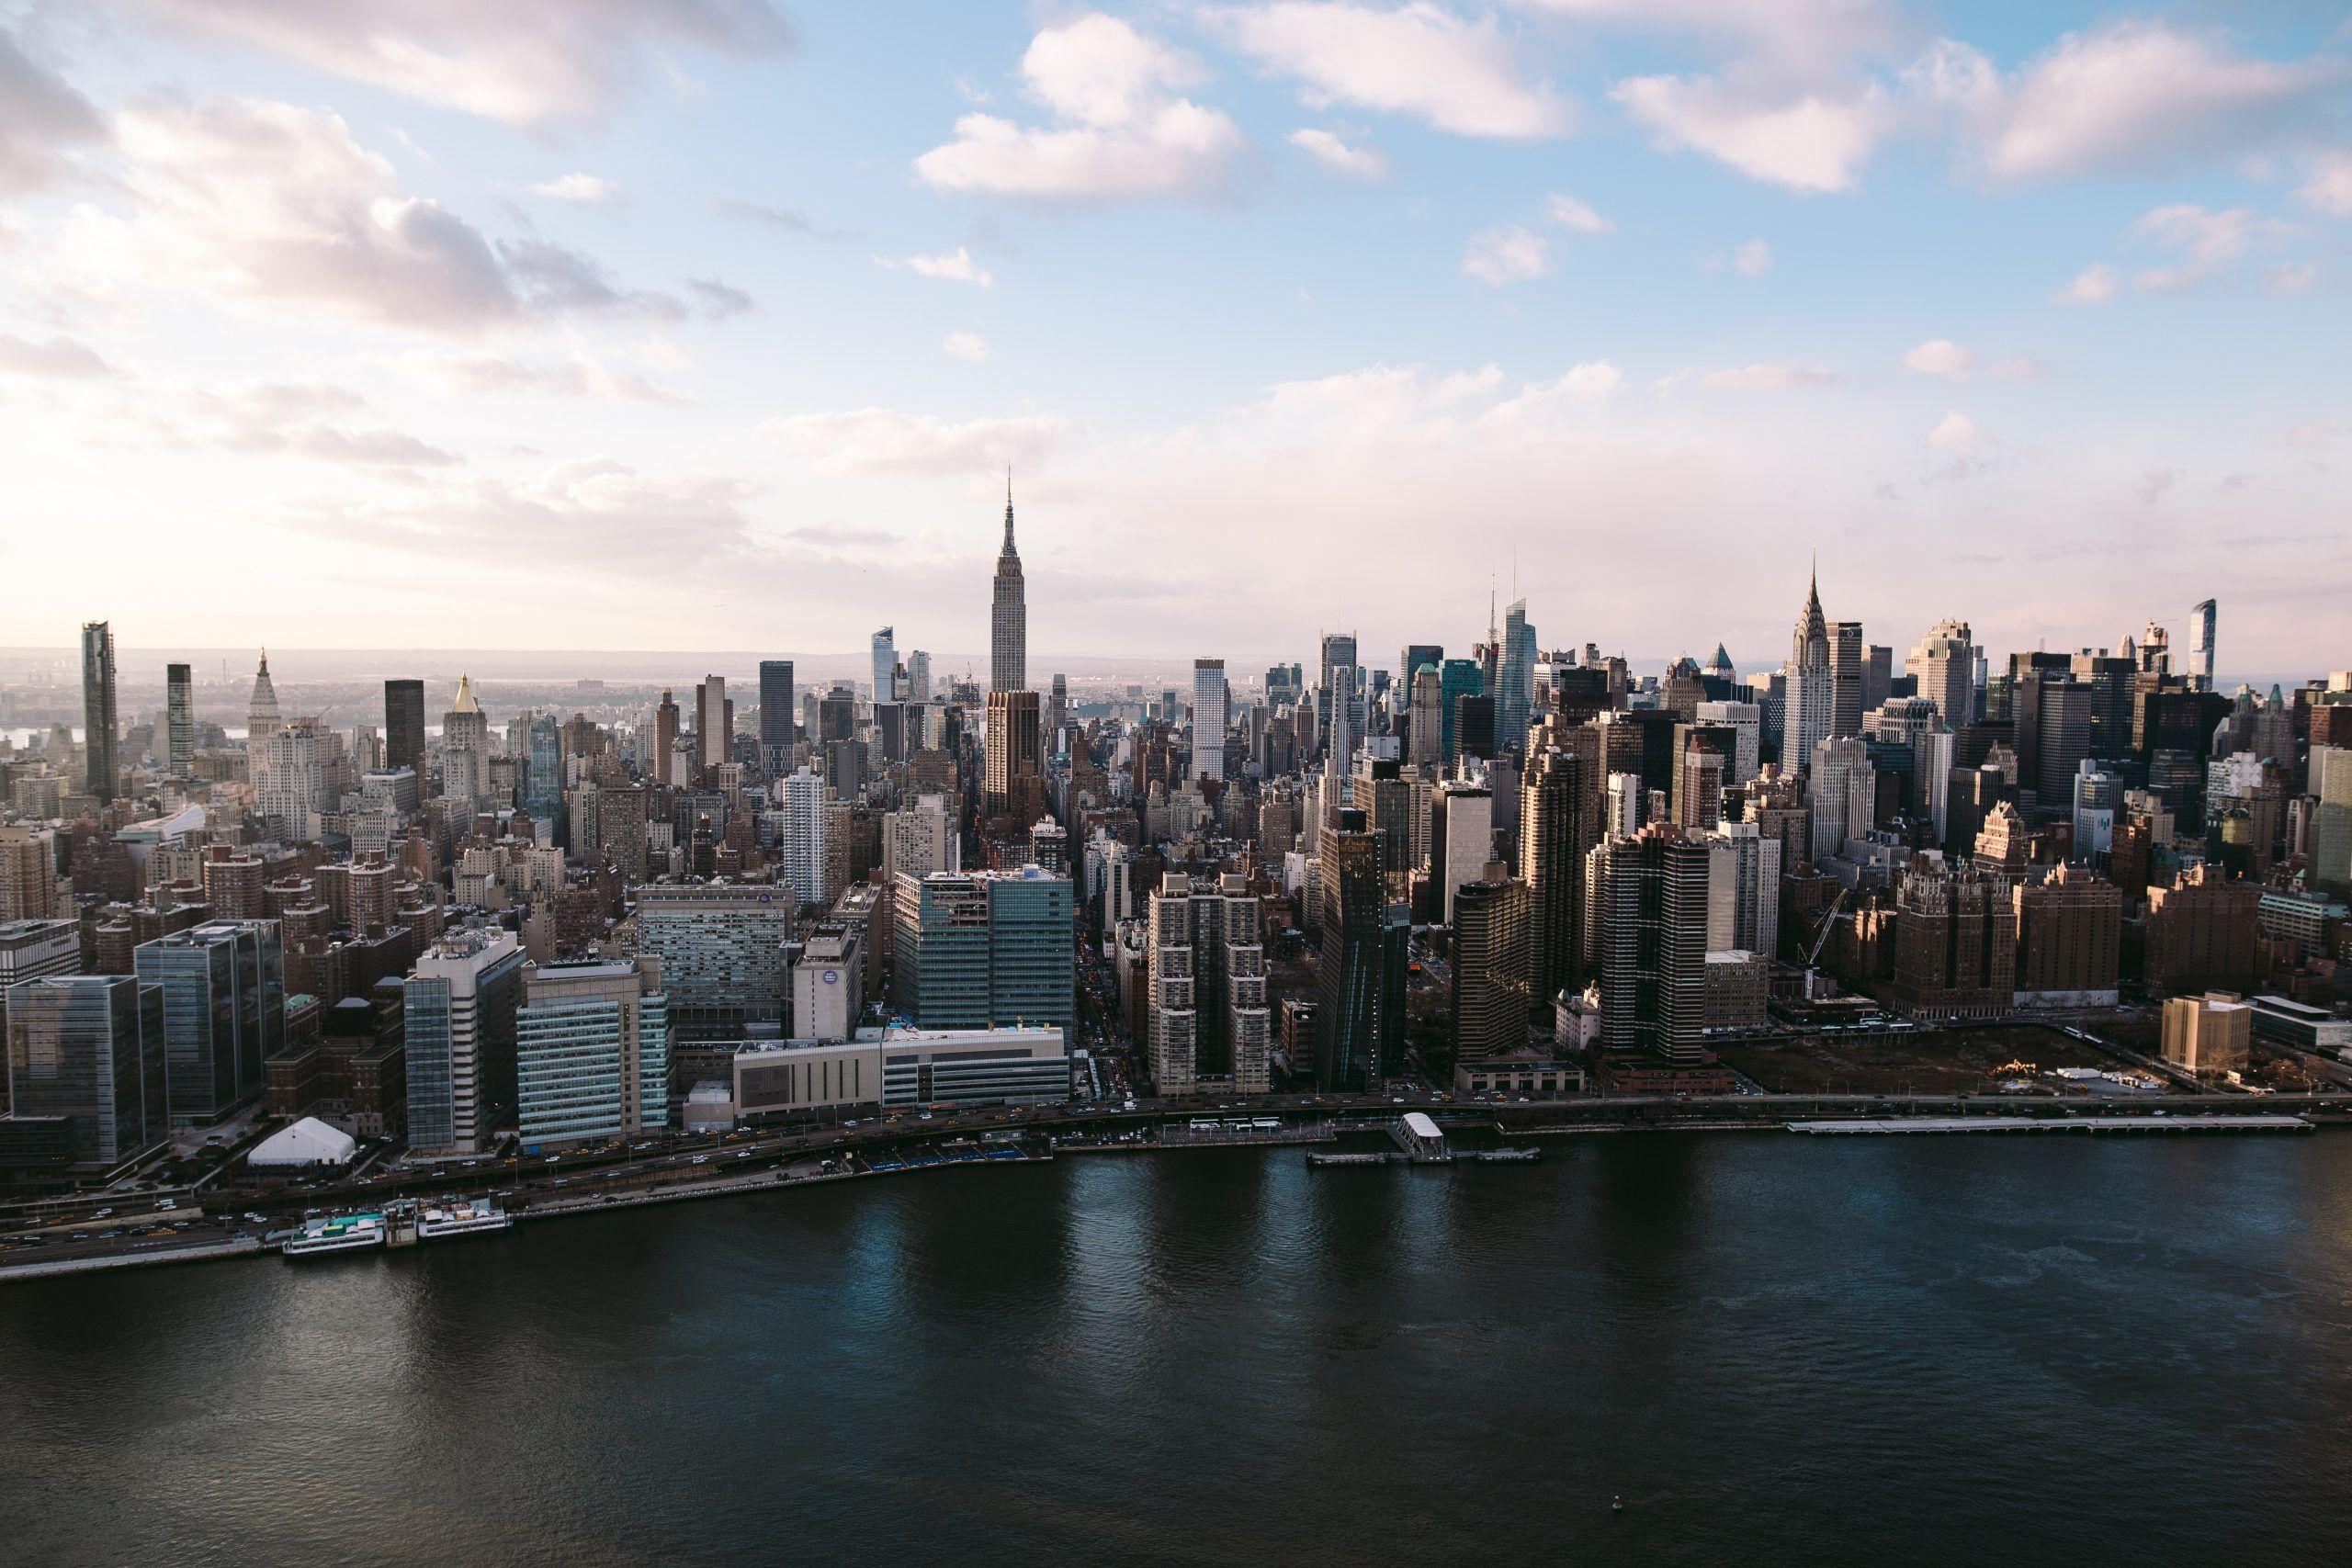 Vista del skyline de Manhattan desde el helicóptero